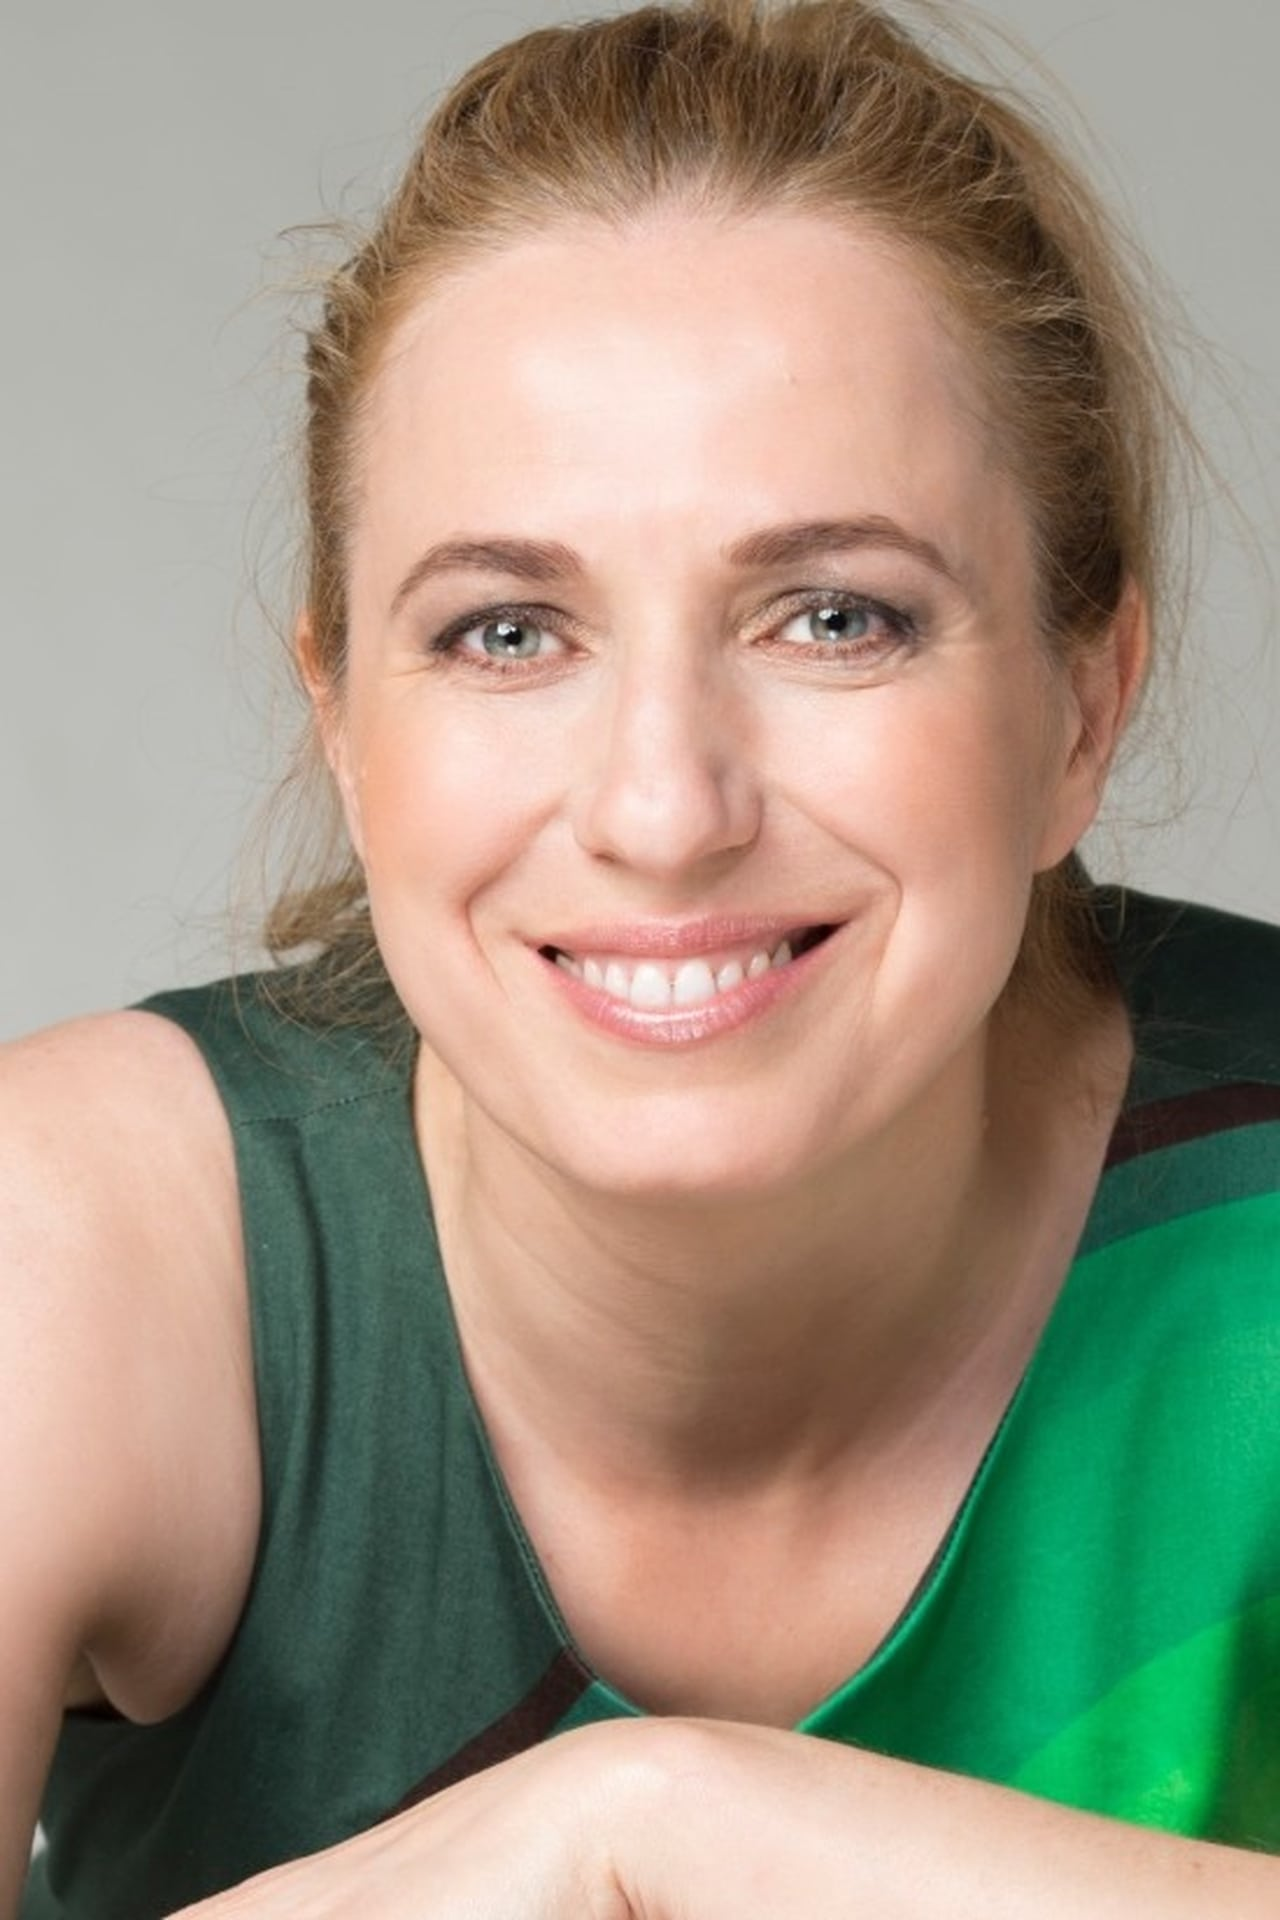 Christina Ionda